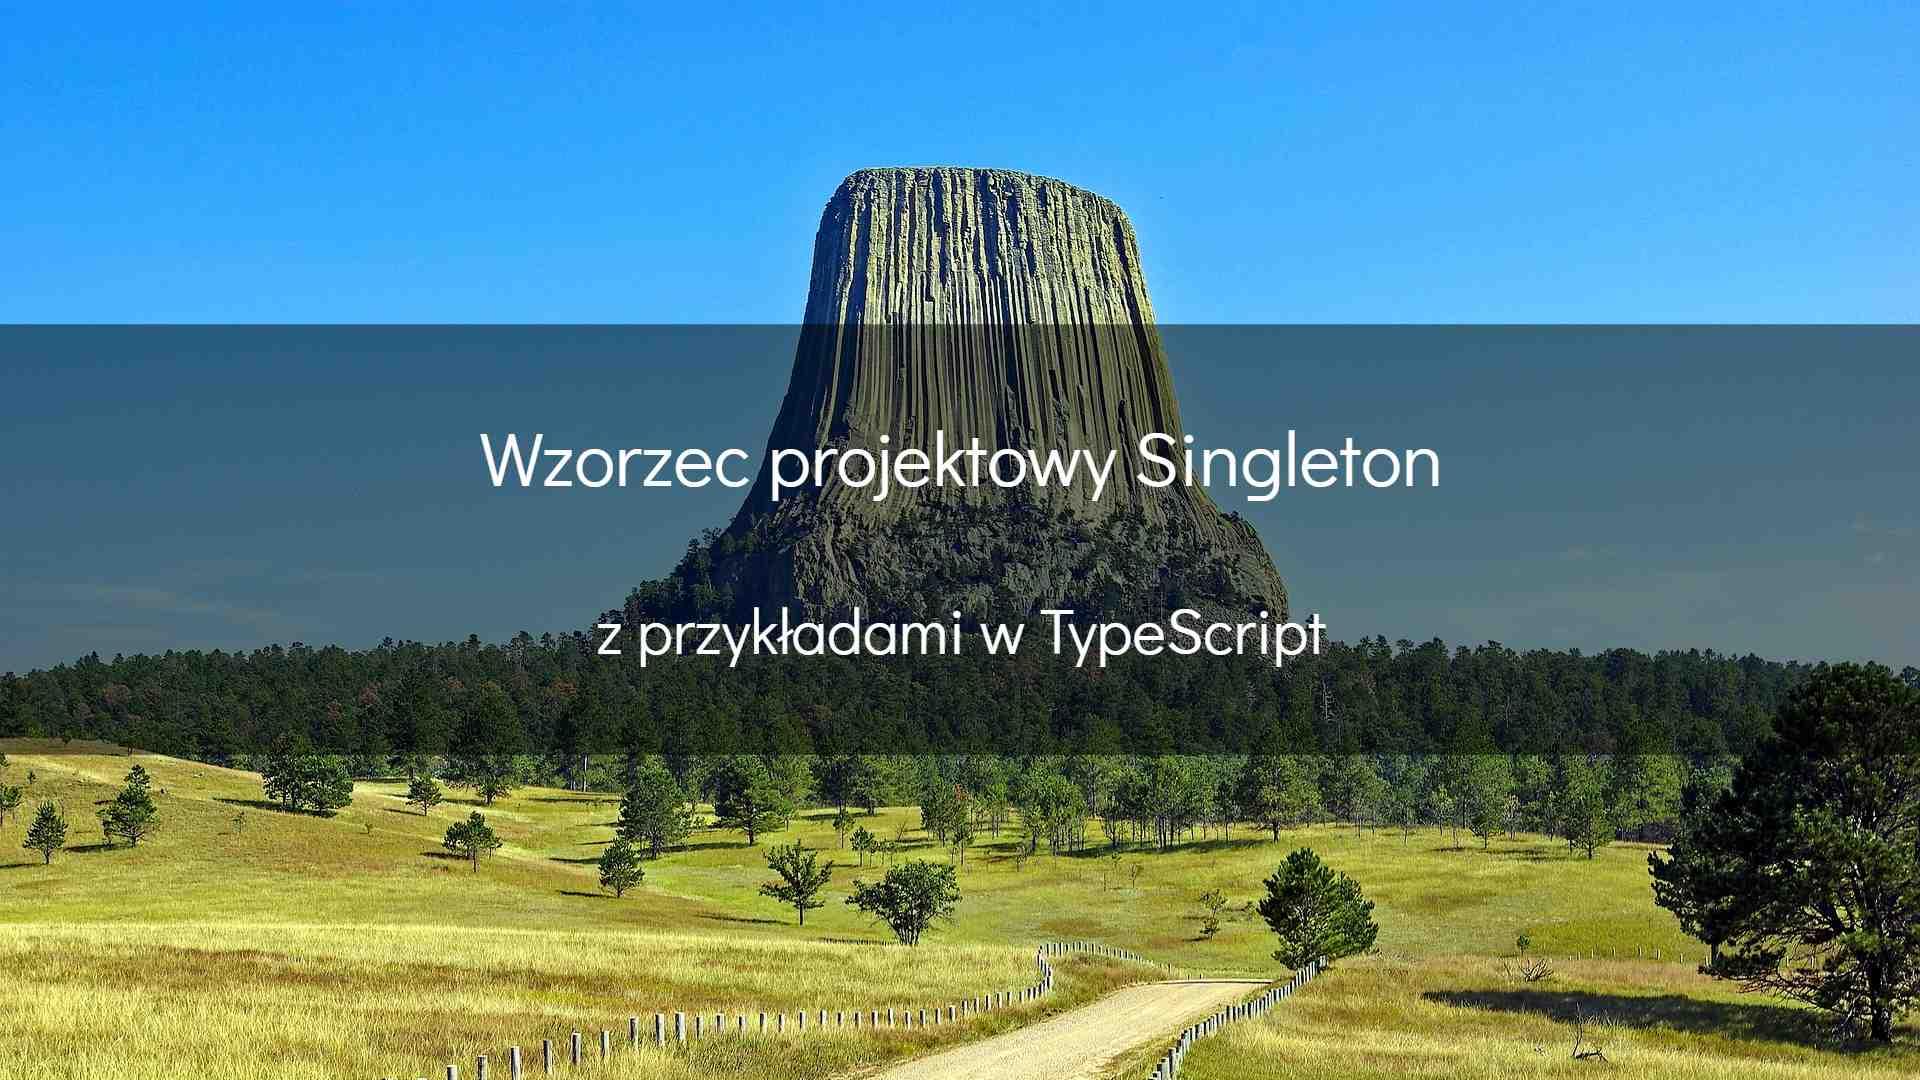 Wzorzec projektowy Singleton